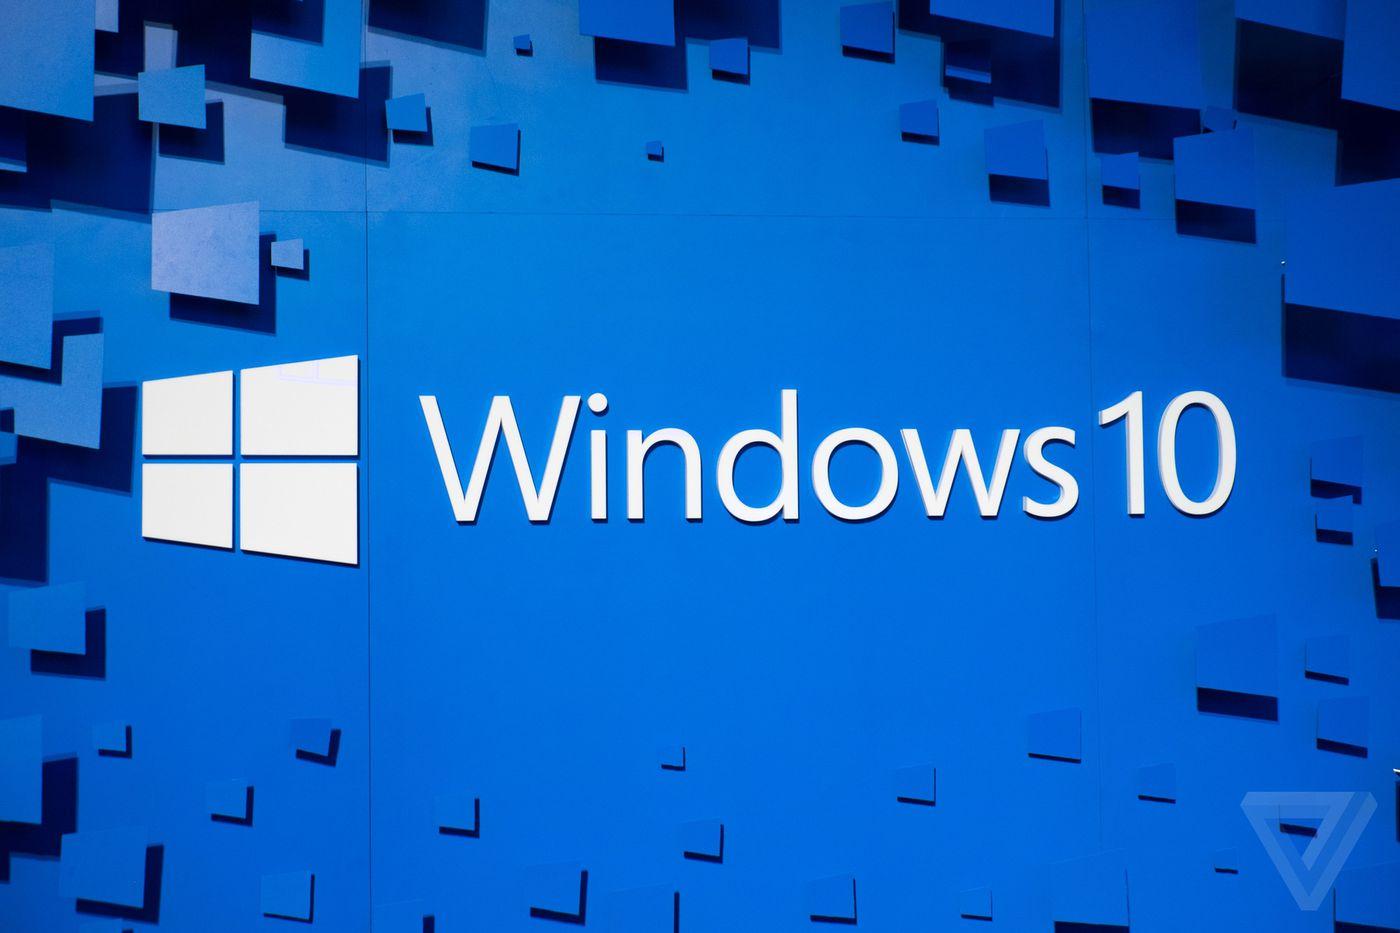 Картинки по запросу Windows 10